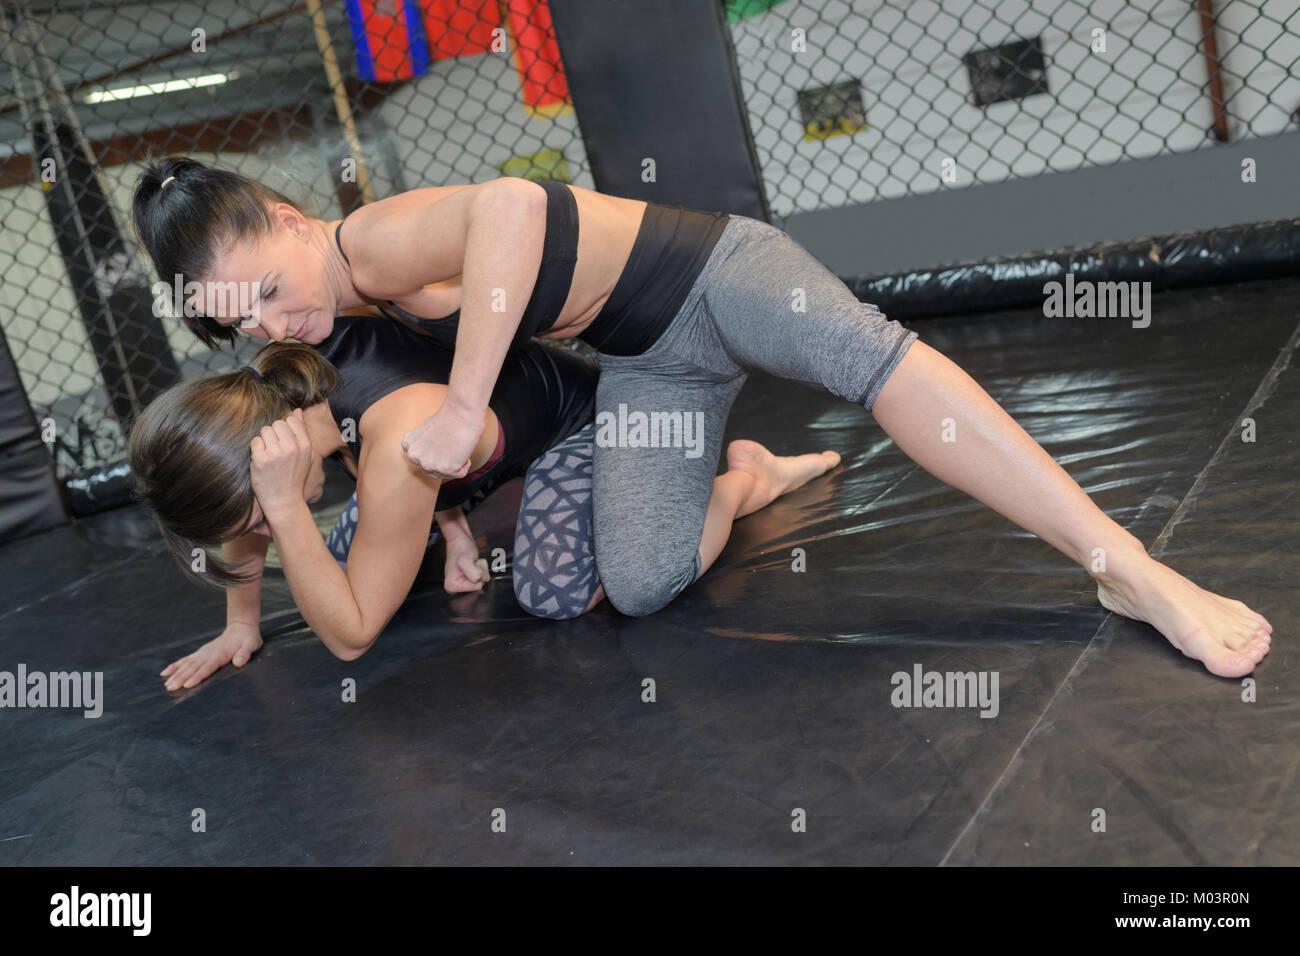 Wrestling barefoot SOUTHERN BELLES